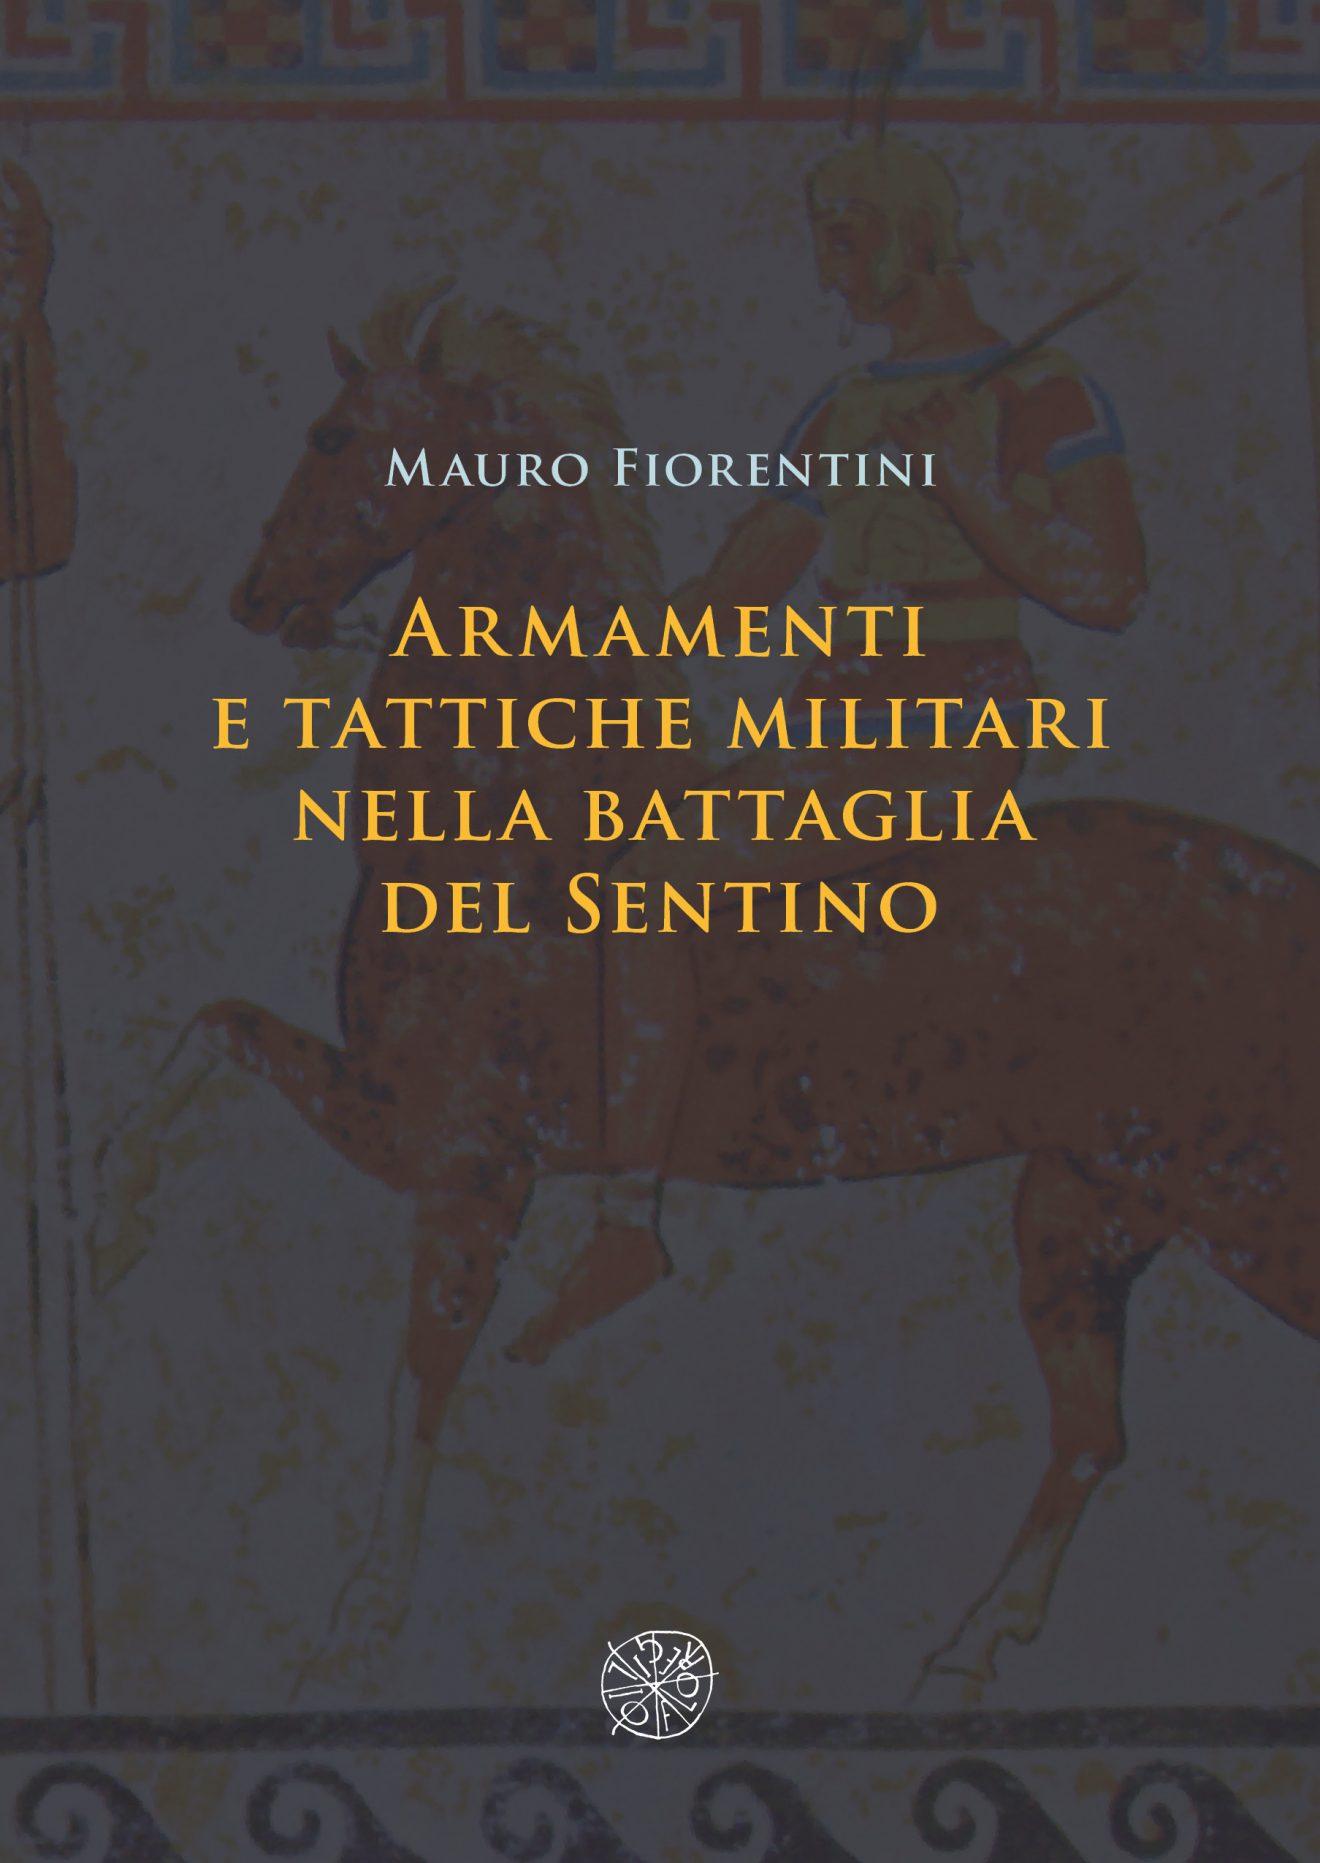 Armamenti e tattiche militari nella battaglia del Sentino